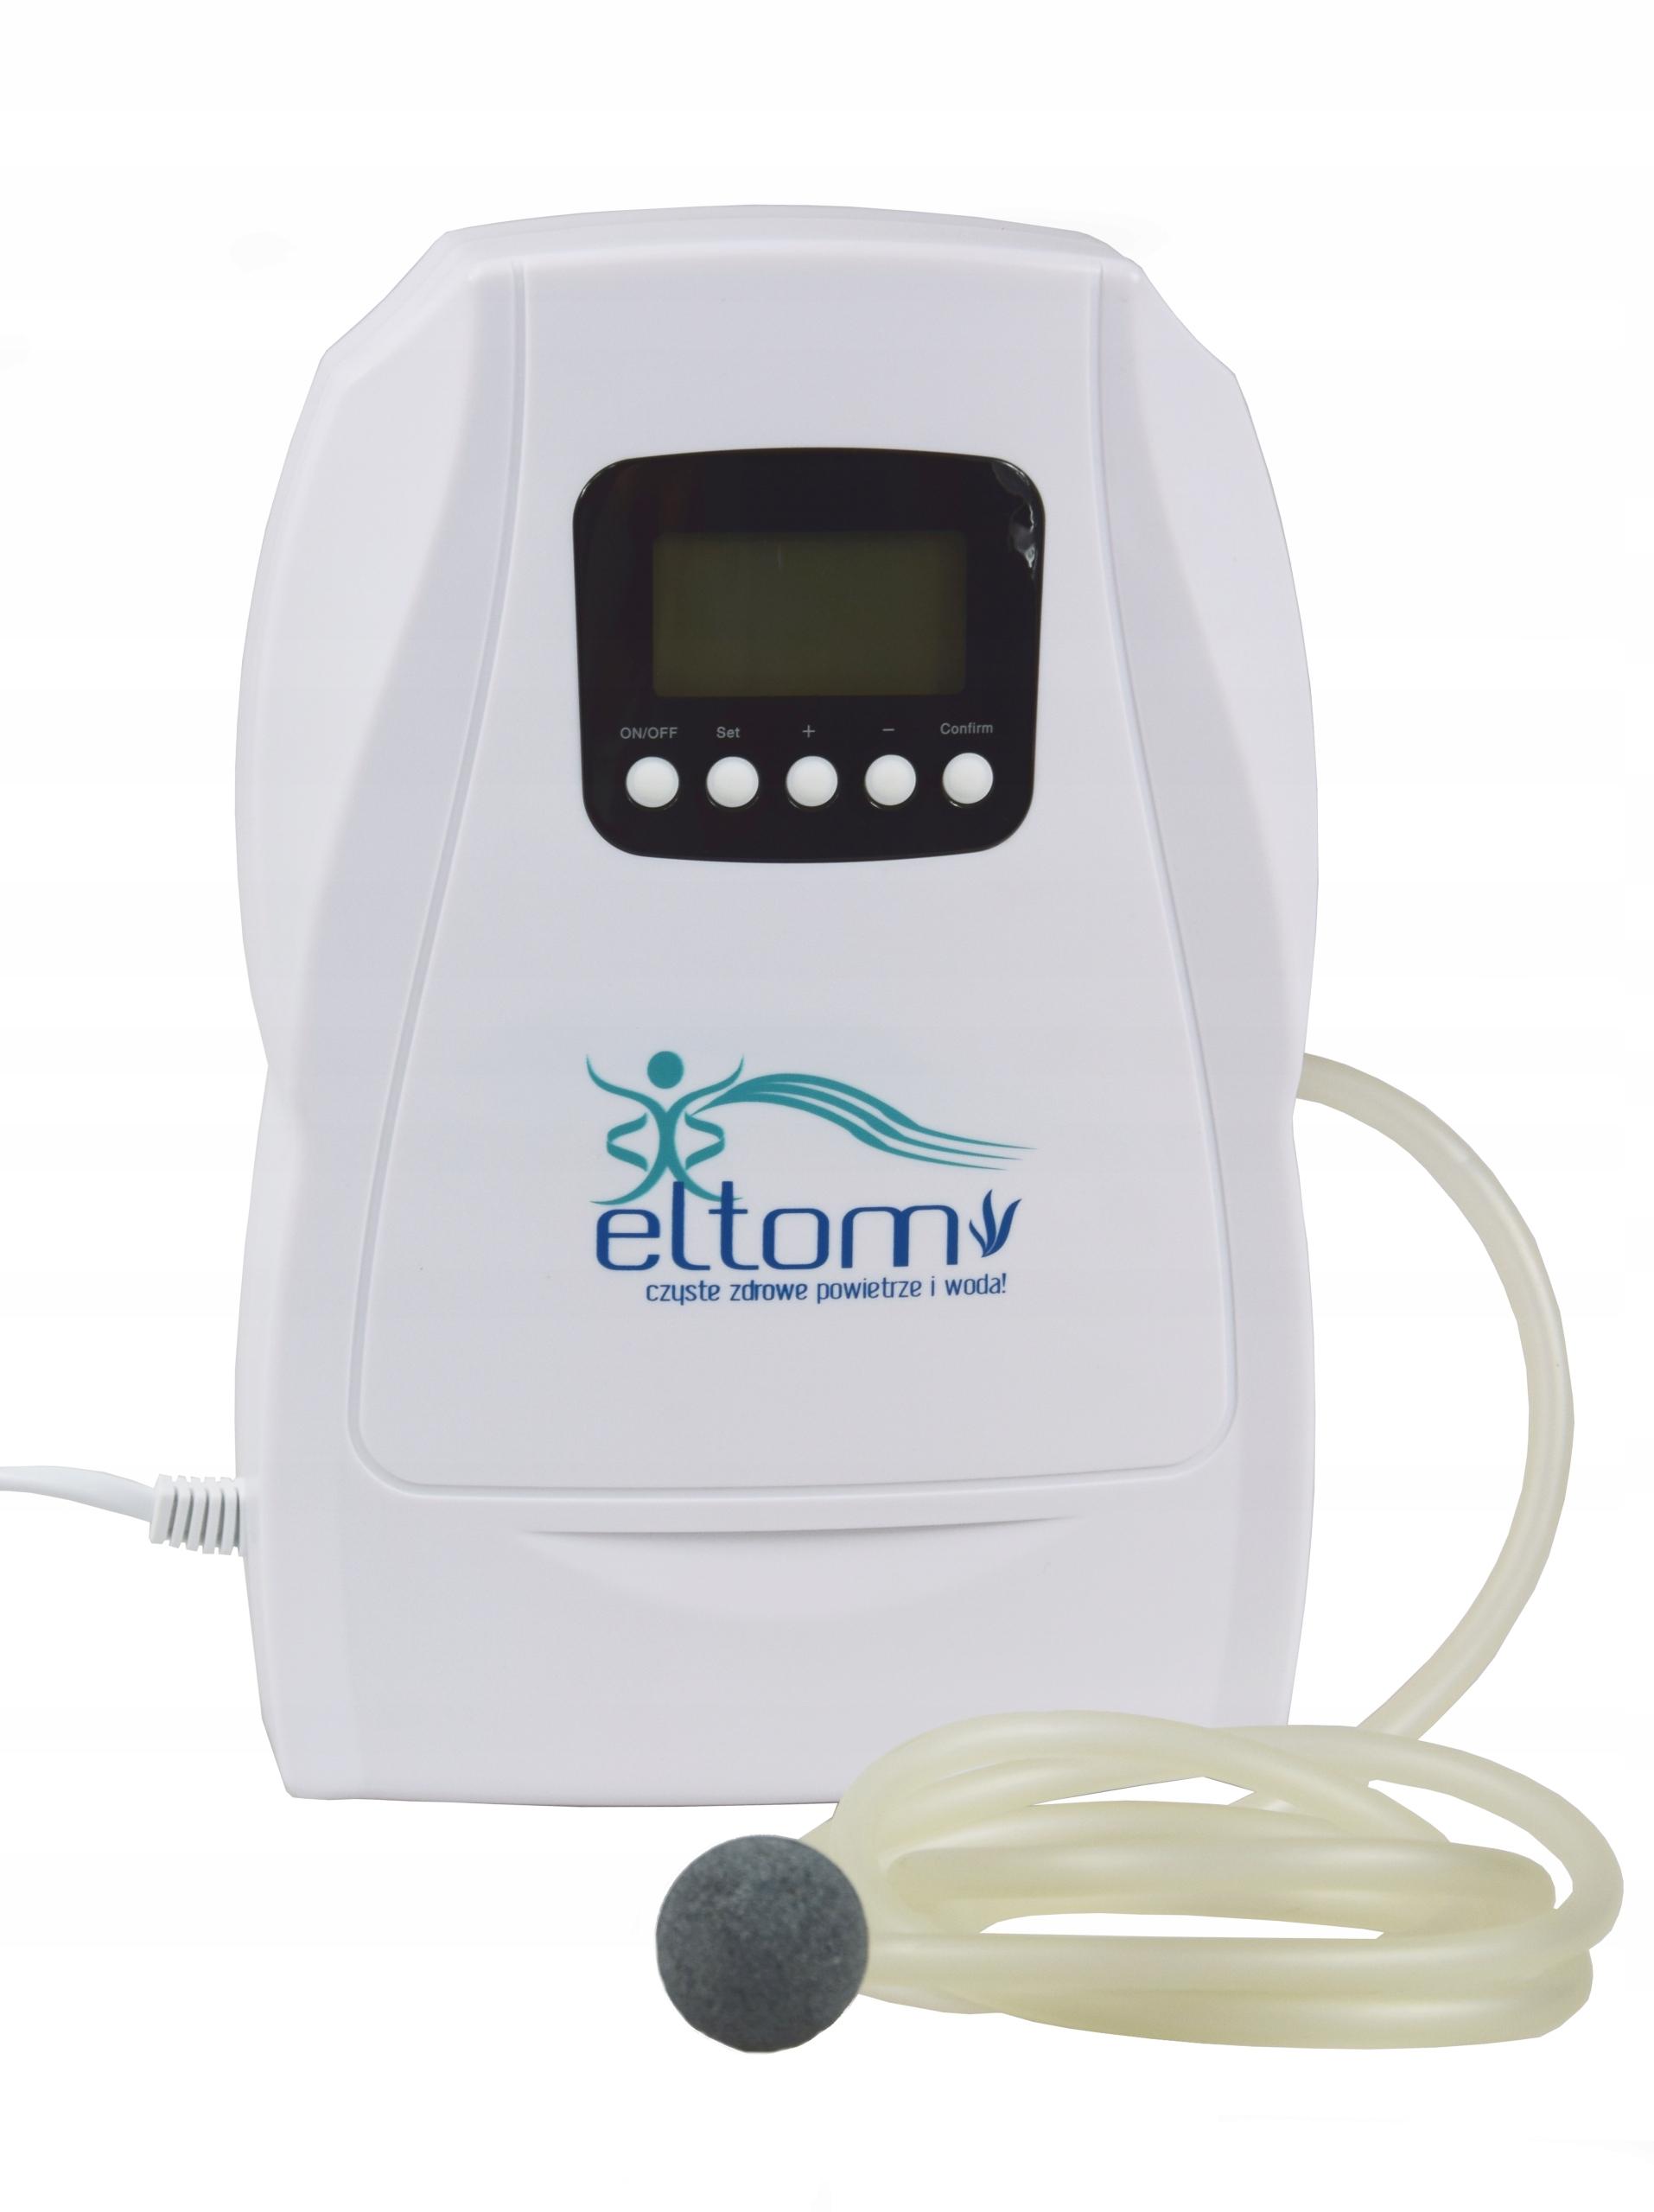 Ozonator n202c powietrze, woda, żywność 500 mg/h